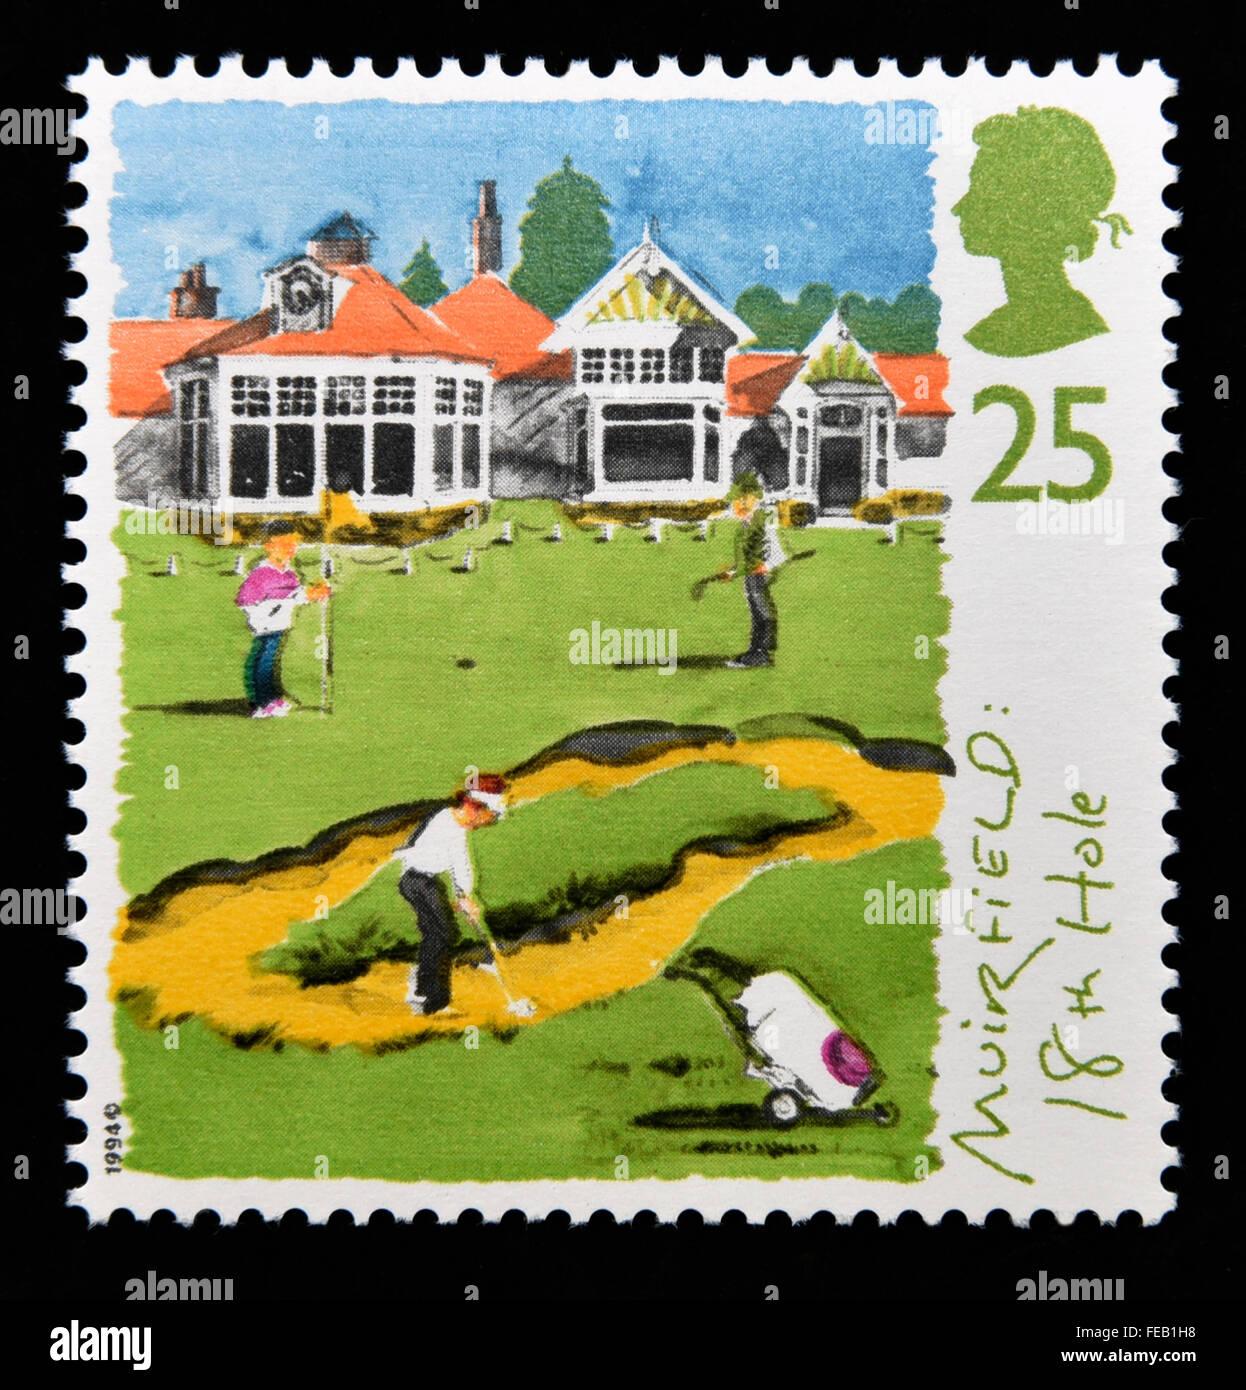 Briefmarke. Great Britain. Königin Elizabeth II. 1994. schottischen Golfplätze. 25p. Stockfoto